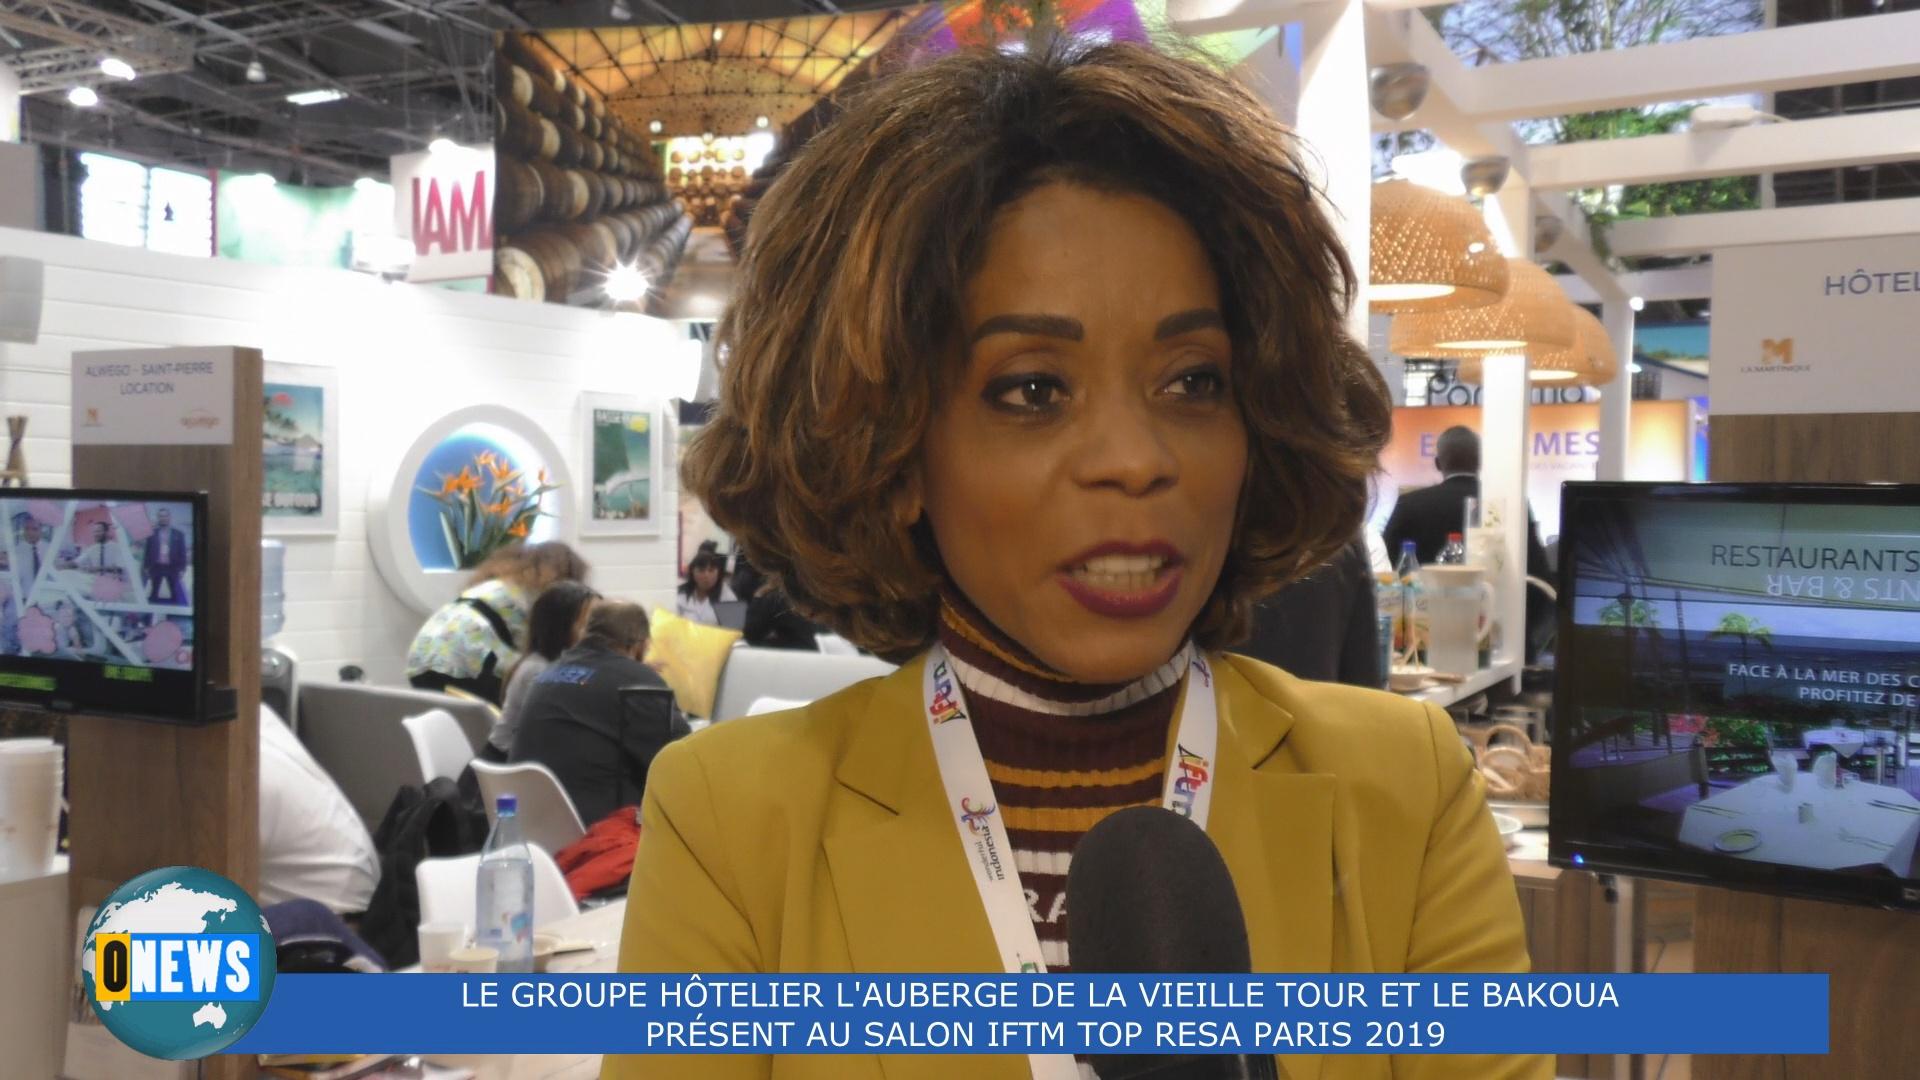 [Vidéo]HEXAGONE. Spécial Top résa. Françoise BENITO-ESPINAL Présidente du Bakoua et l Auberge de la Vieille Tour